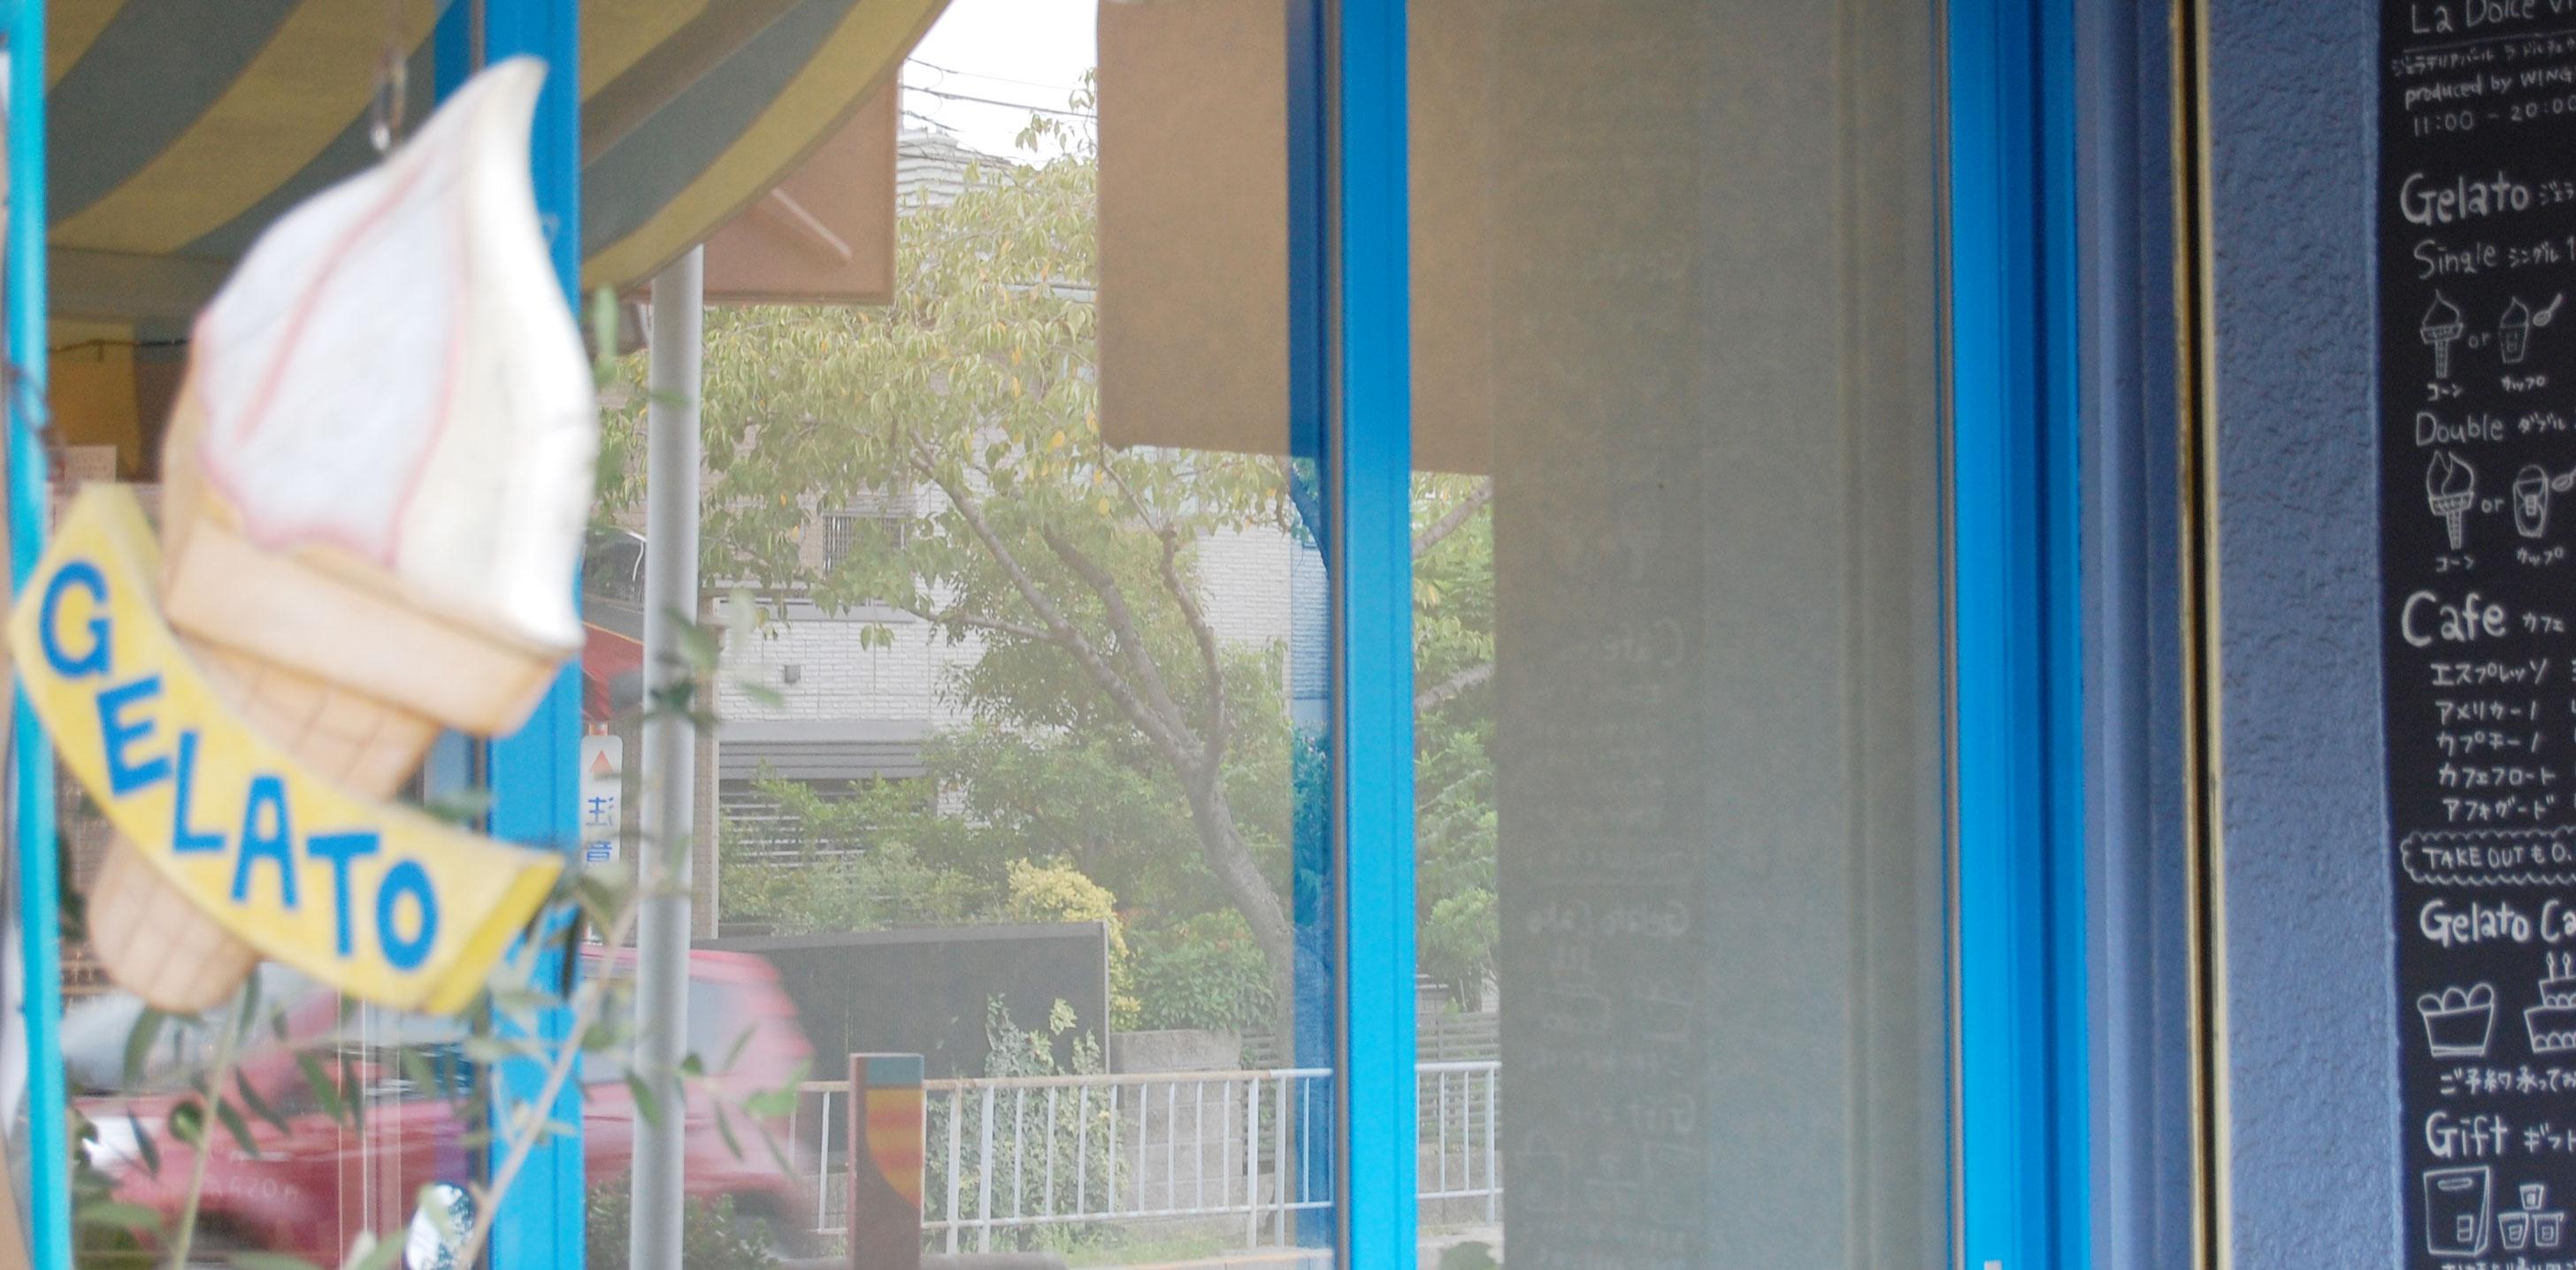 お店の外観 ジェラートの看板が目印です お店のある通りは桜並木 堺 ジェラート ラドルチェヴィータ LaDolceVita